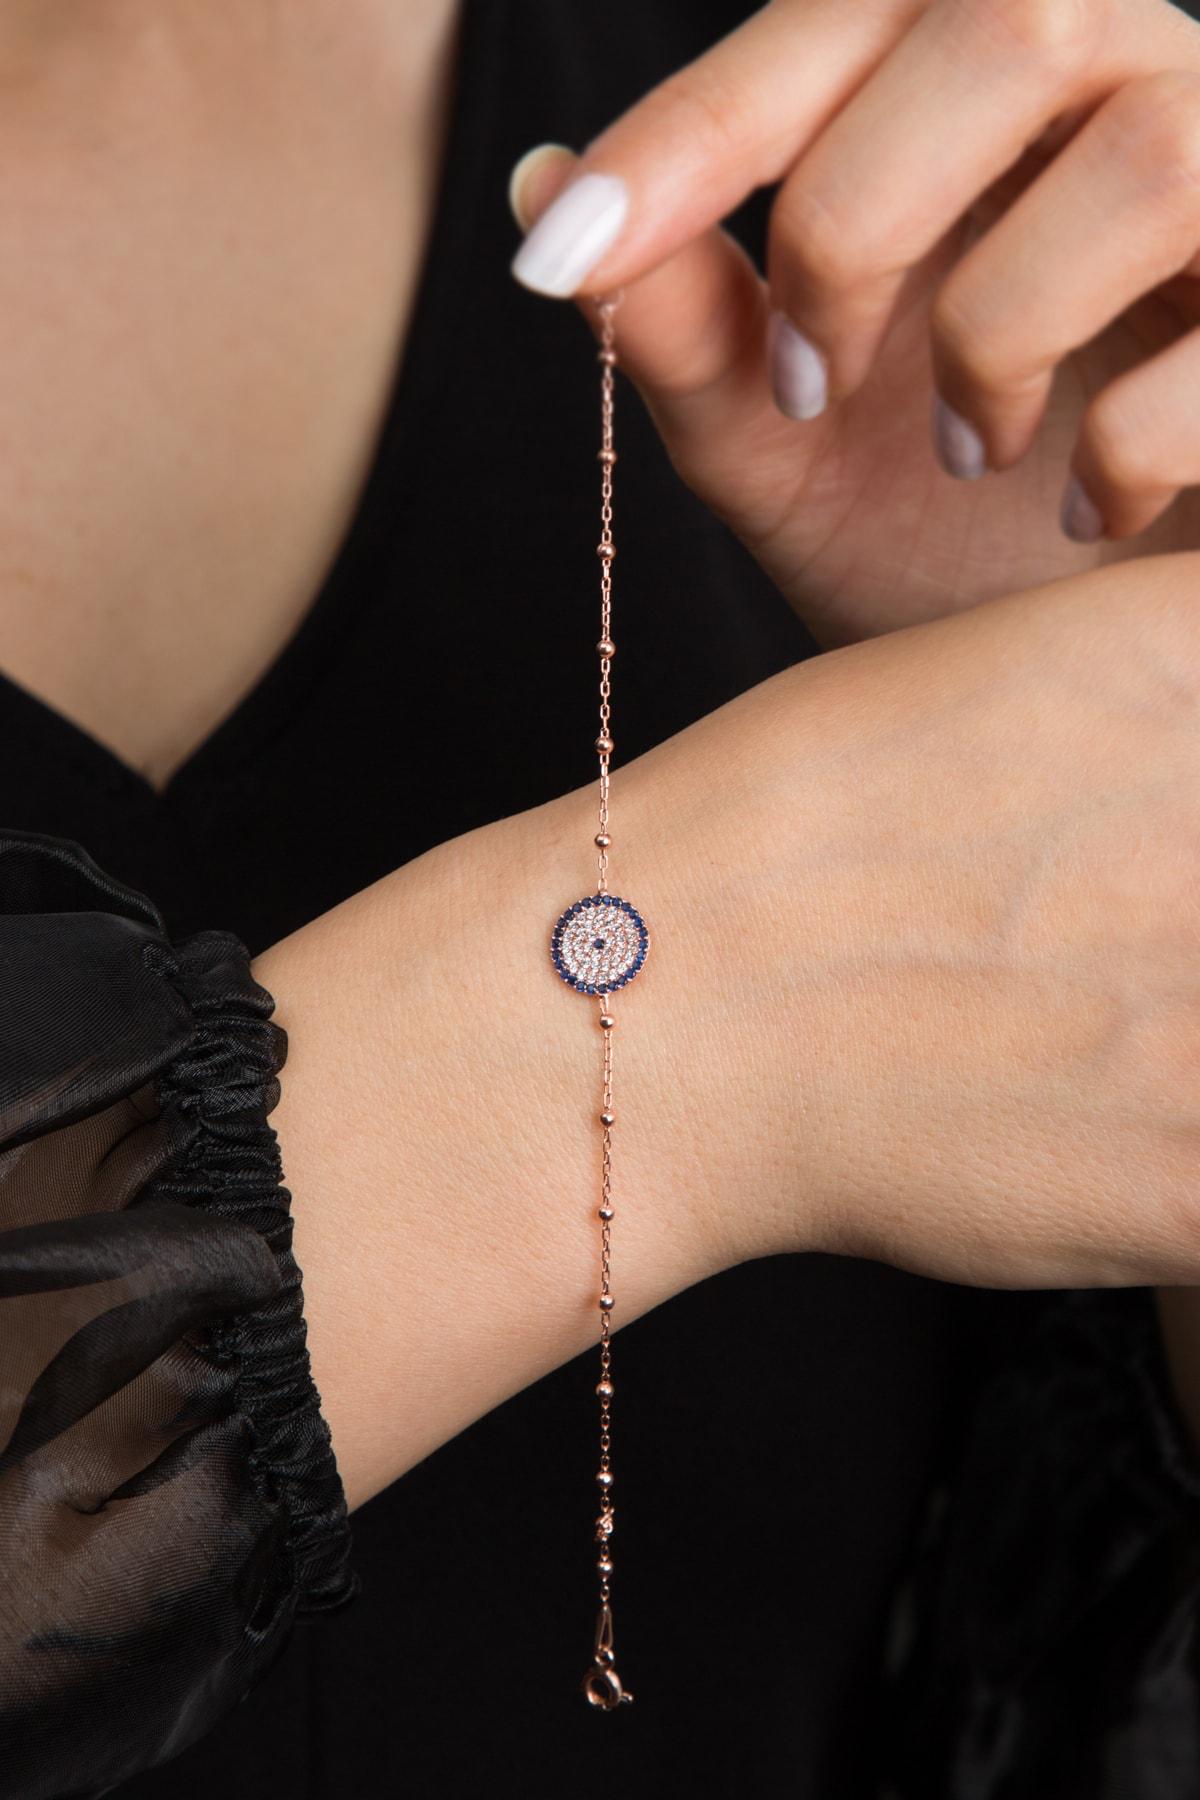 Elika Silver Kadın Nazar Model Rose Kaplama 925 Ayar Gümüş Bileklik 4